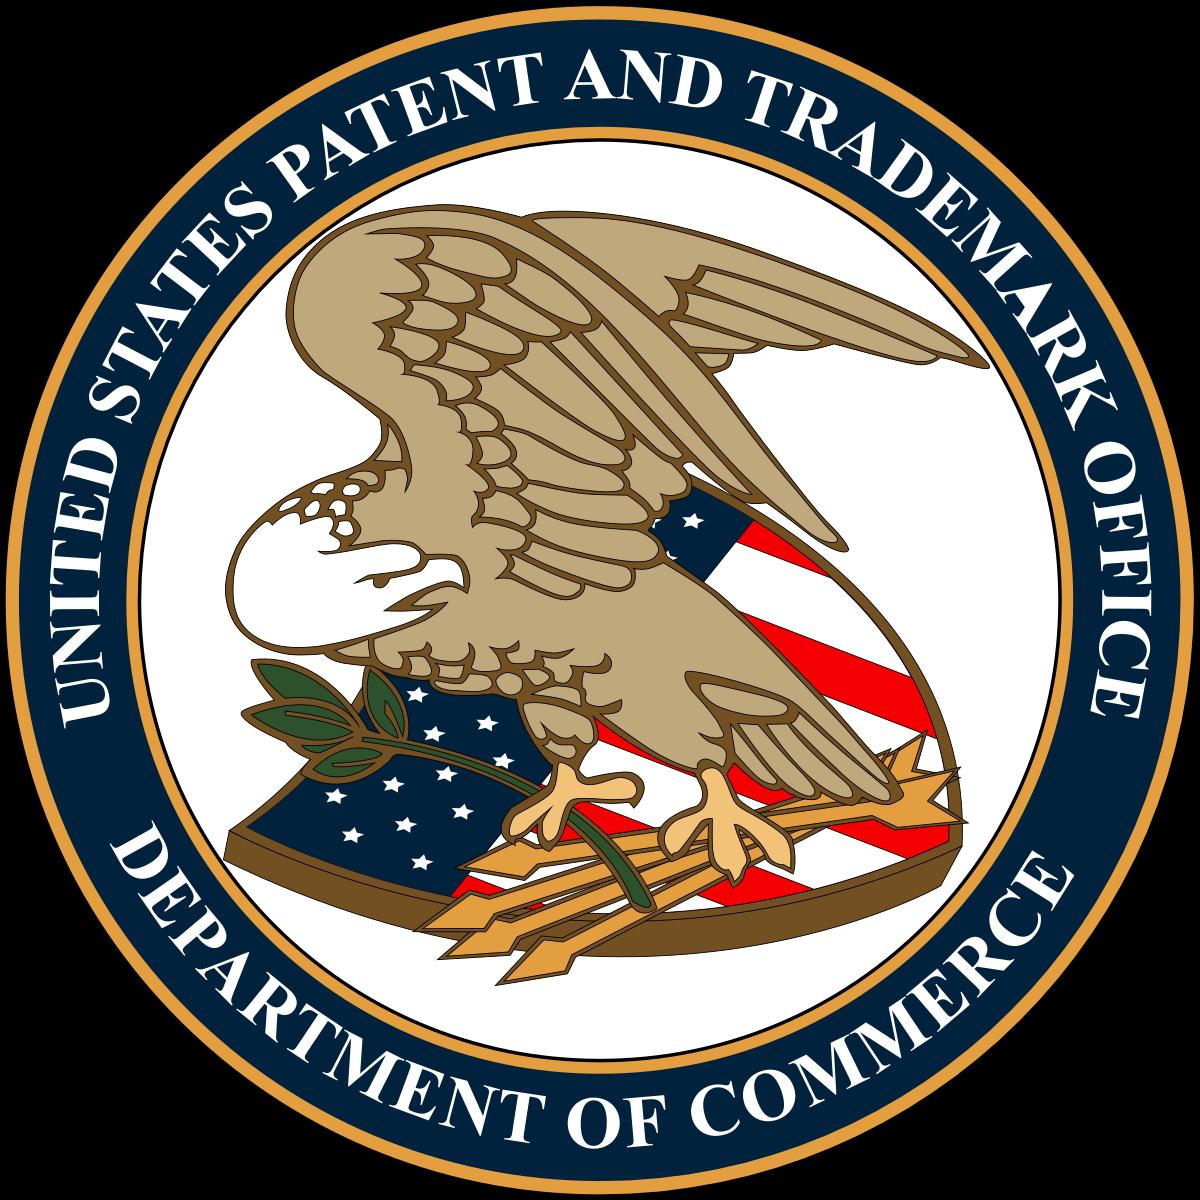 Courthouse Steps Oral Argument Teleforum:  Peter v. NantKwest Inc.